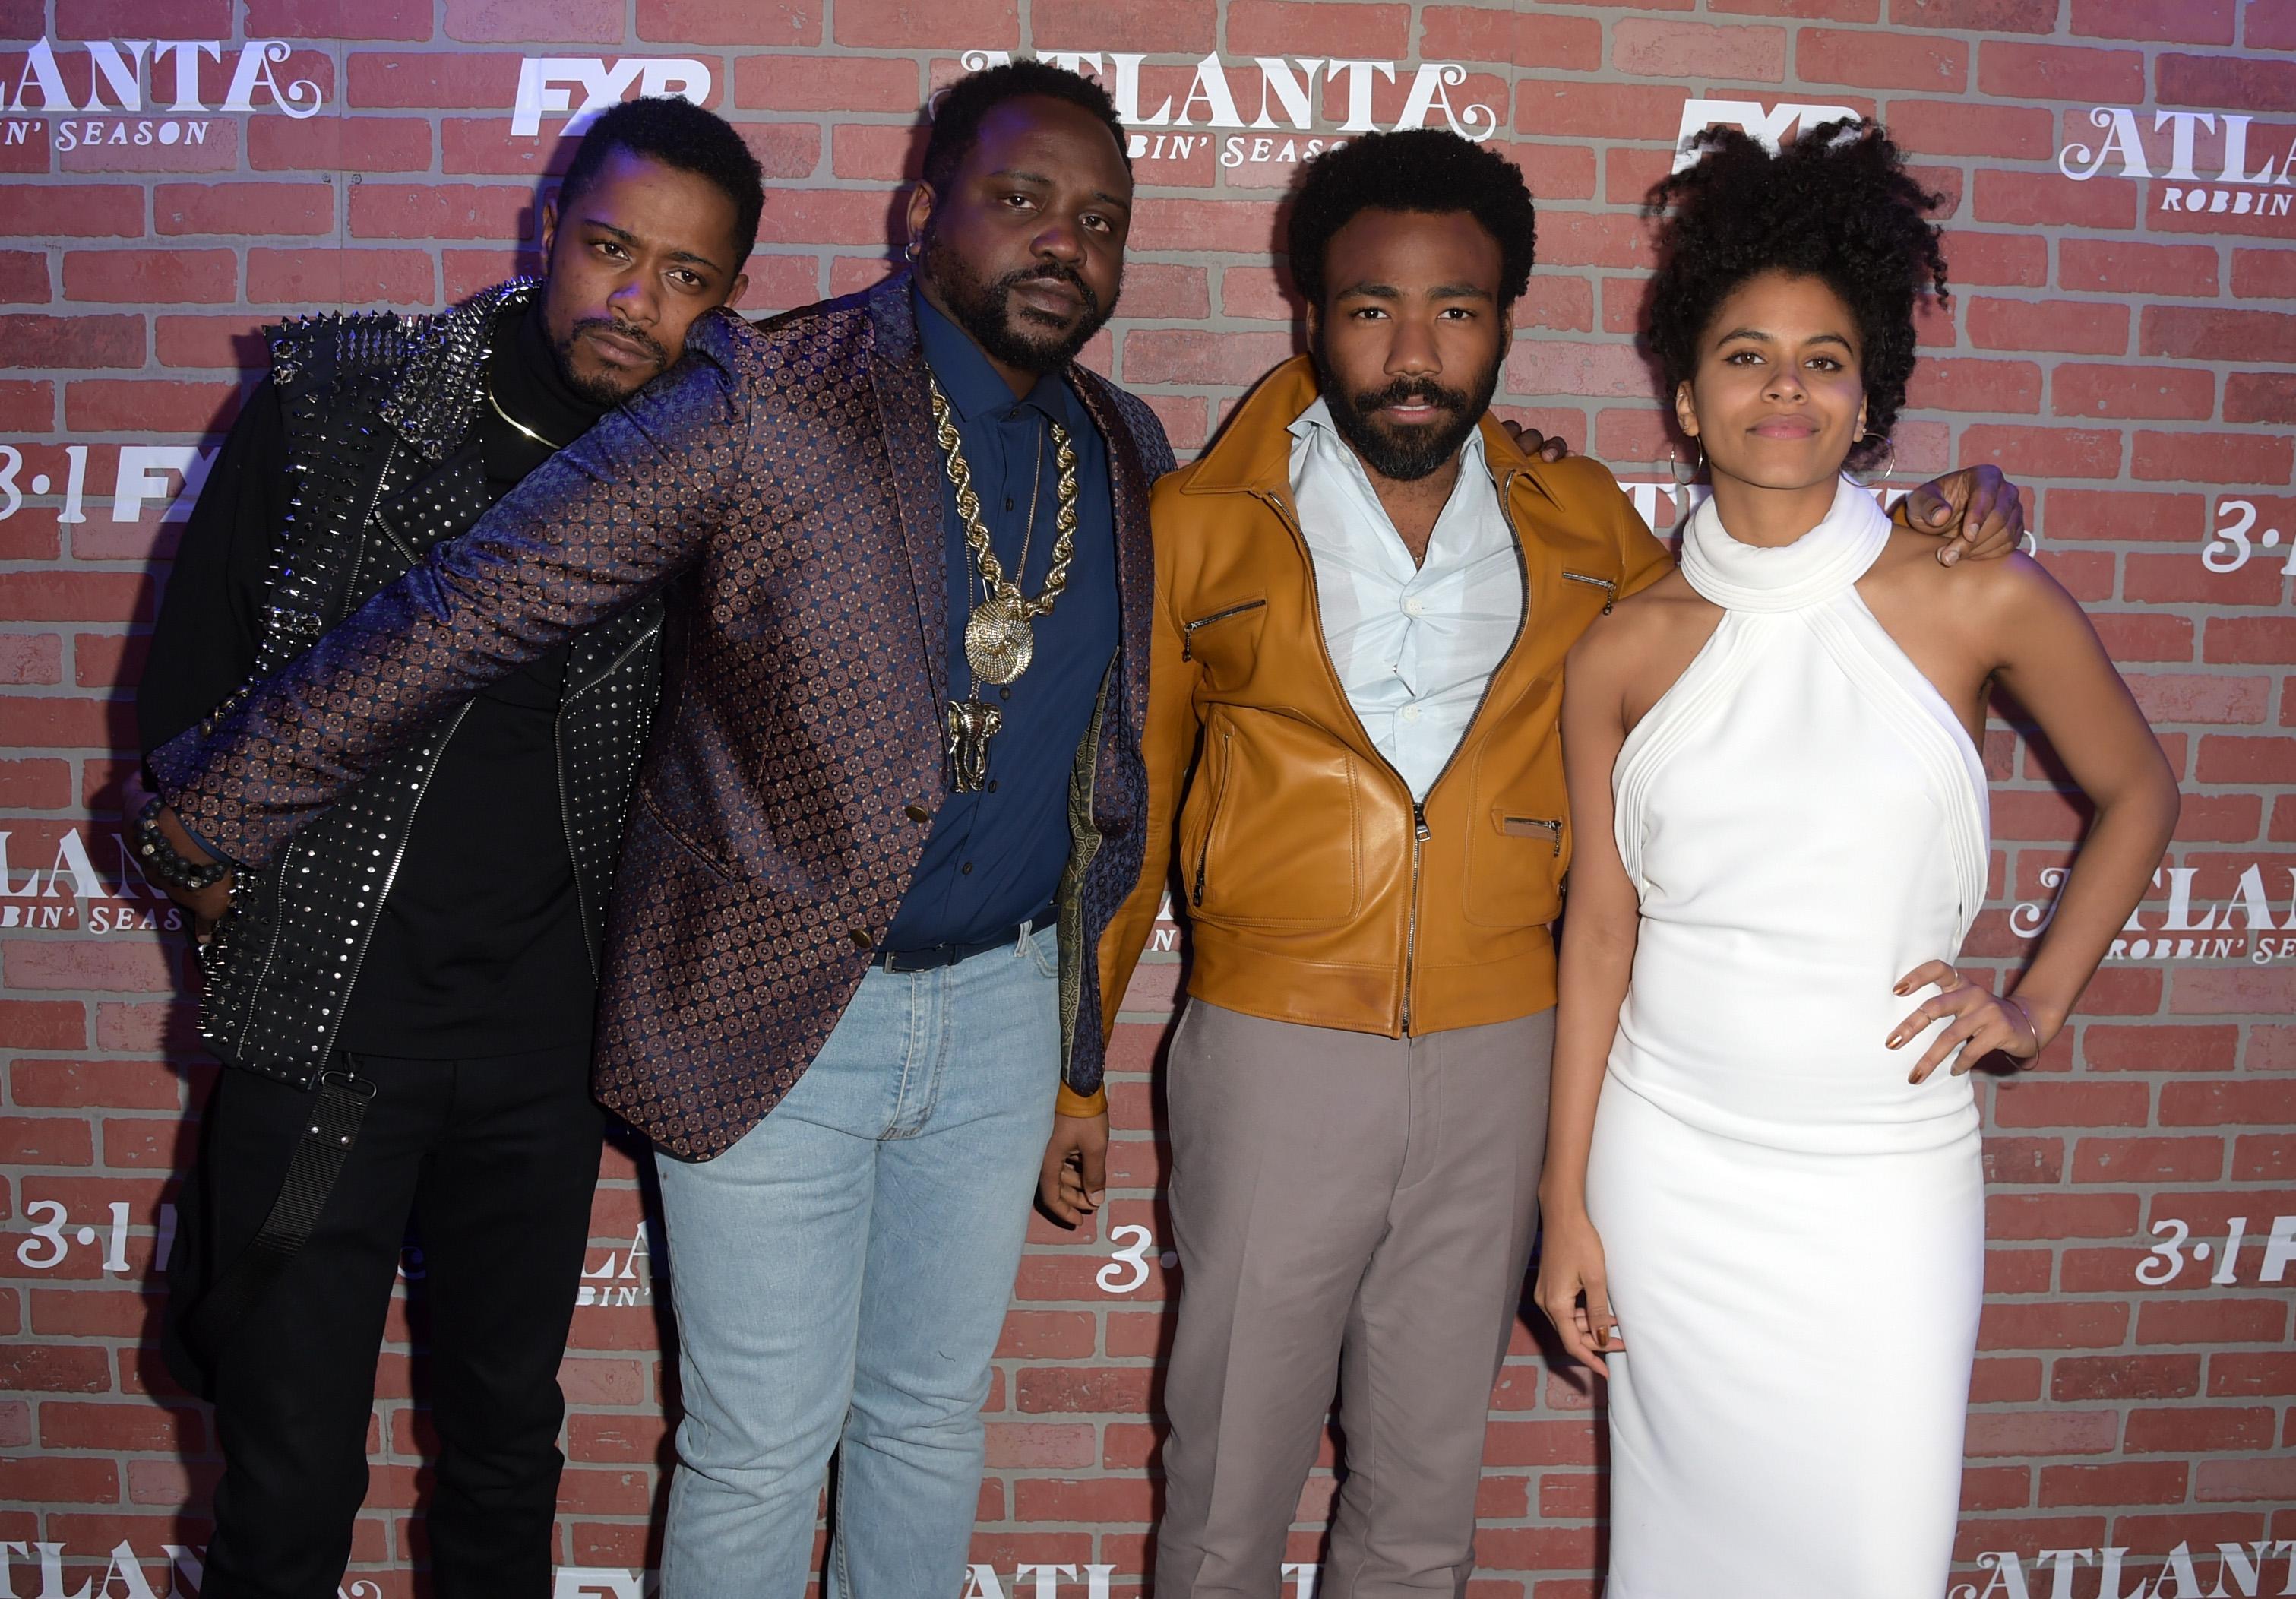 Premiere For FX's 'Atlanta Robbin' Season' - Red Carpet